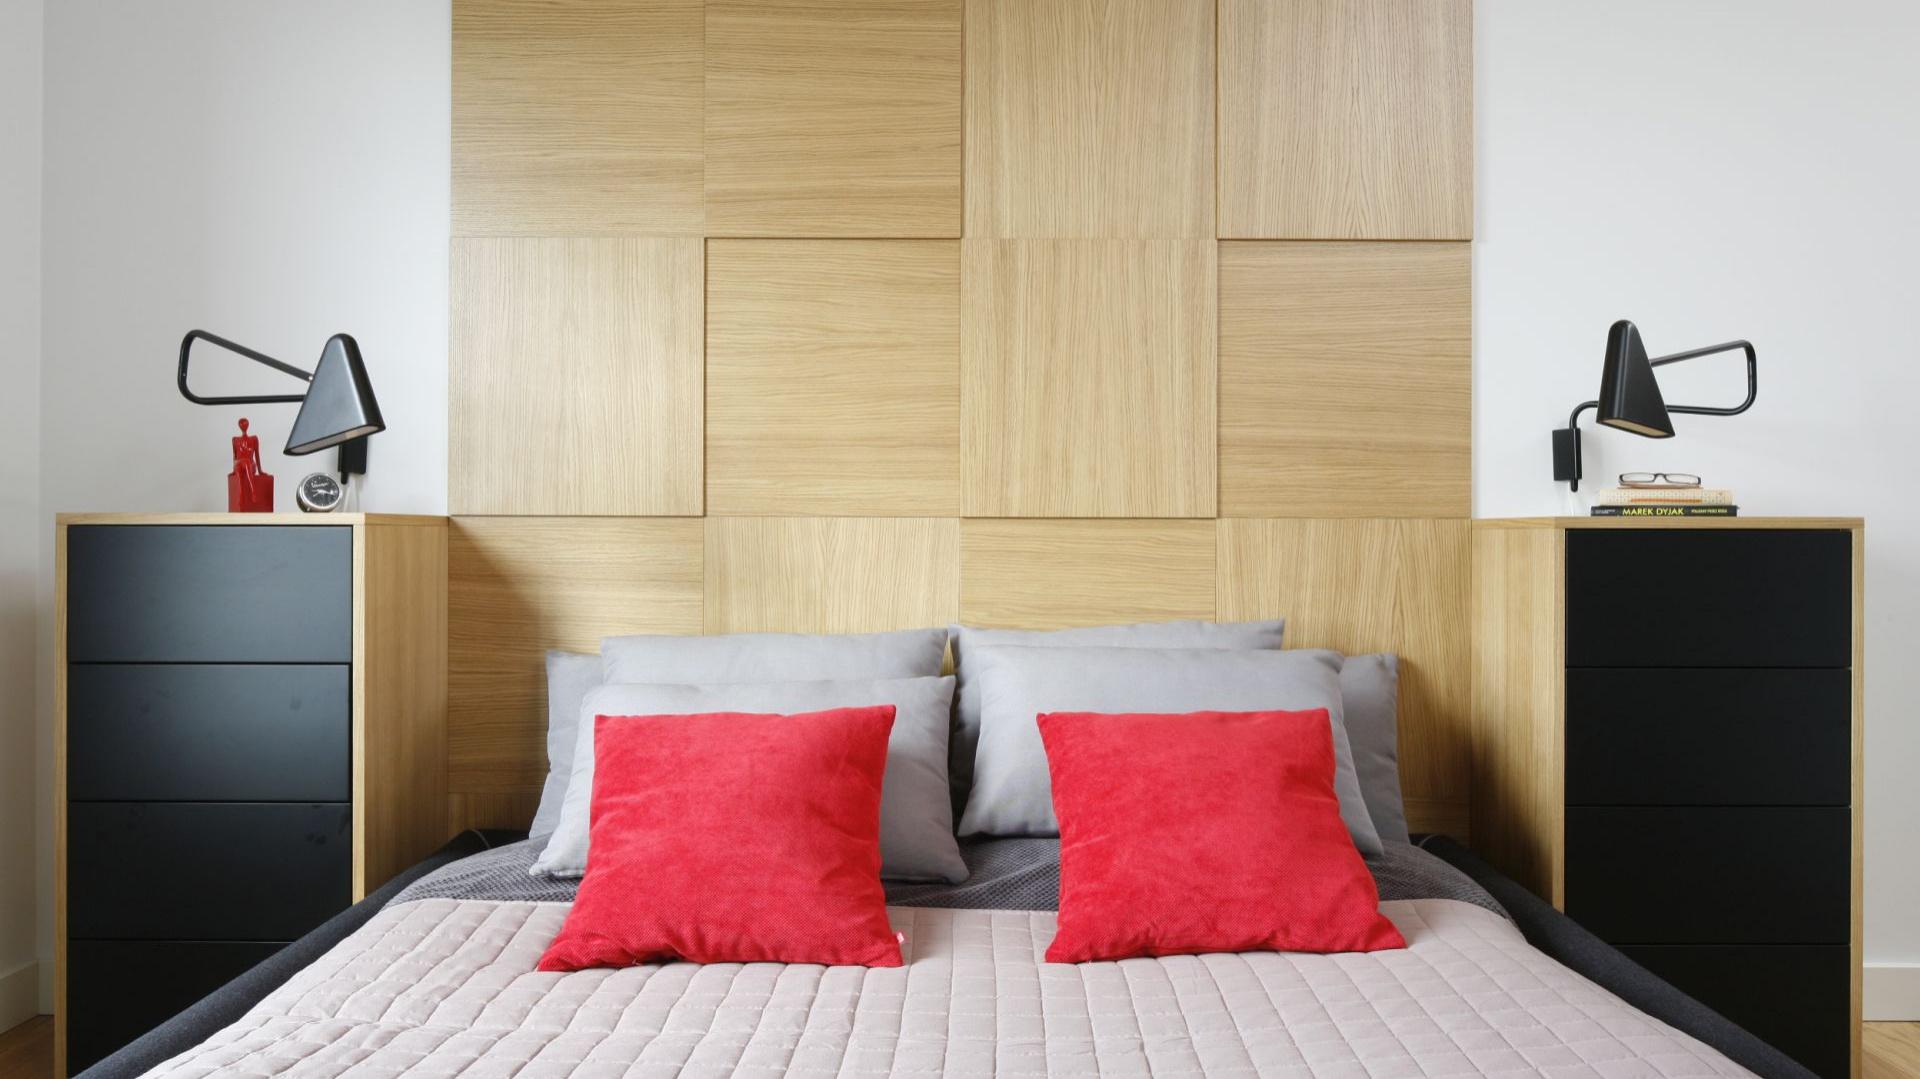 Drewno to doskonały materiał do sypialni. Ociepla ją i nadaje przytulnego wyrazu. Zastosowane jako dekoracja ściany za łóżkiem będzie również nietuzinkową ozdobą. Projekt: Małgorzata Łyszczarz. Fot. Bartosz Jarosz.